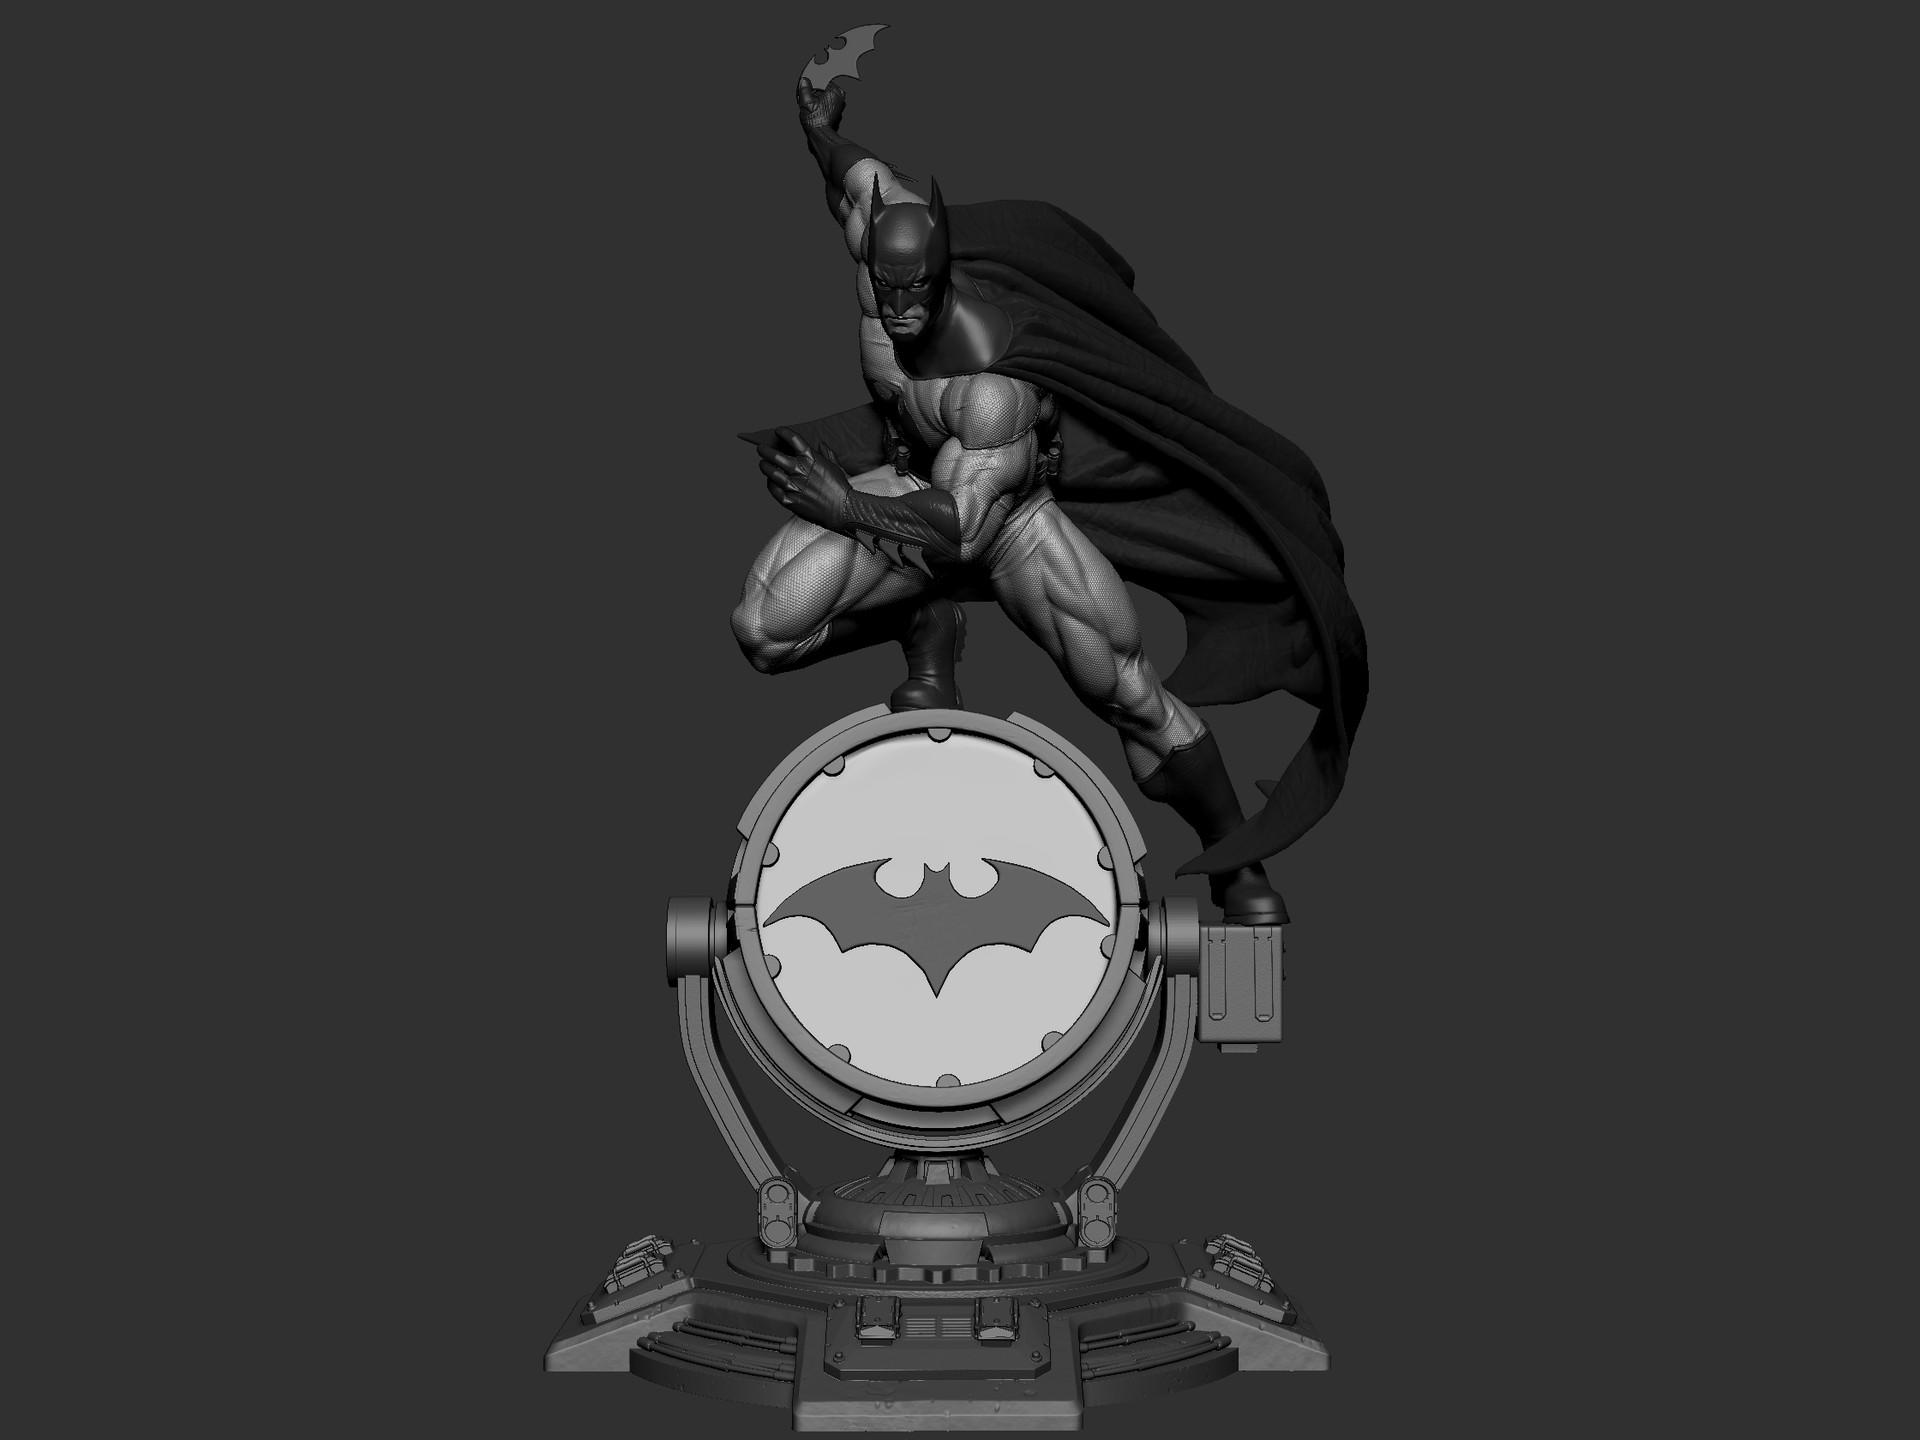 ArtStation - BATMAN 3d print, Kaushik Manna